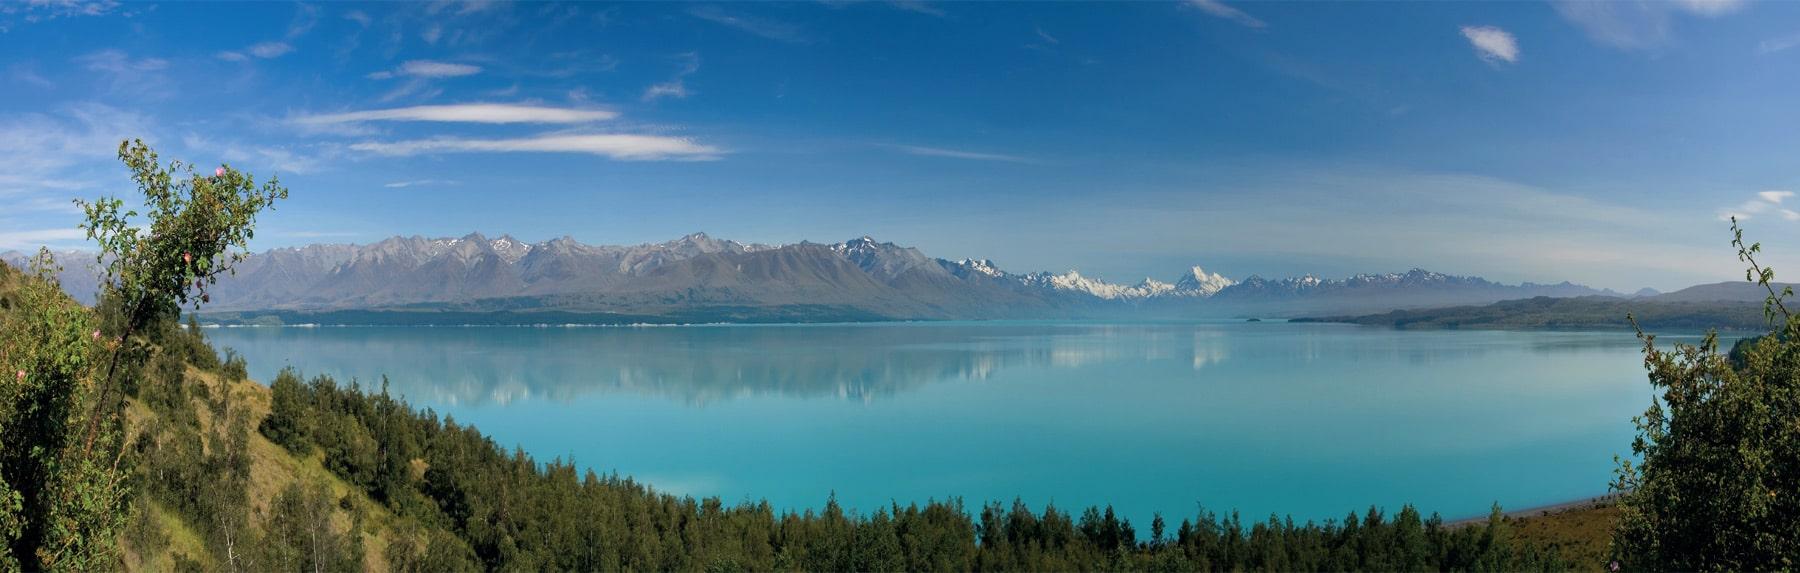 Lake wana